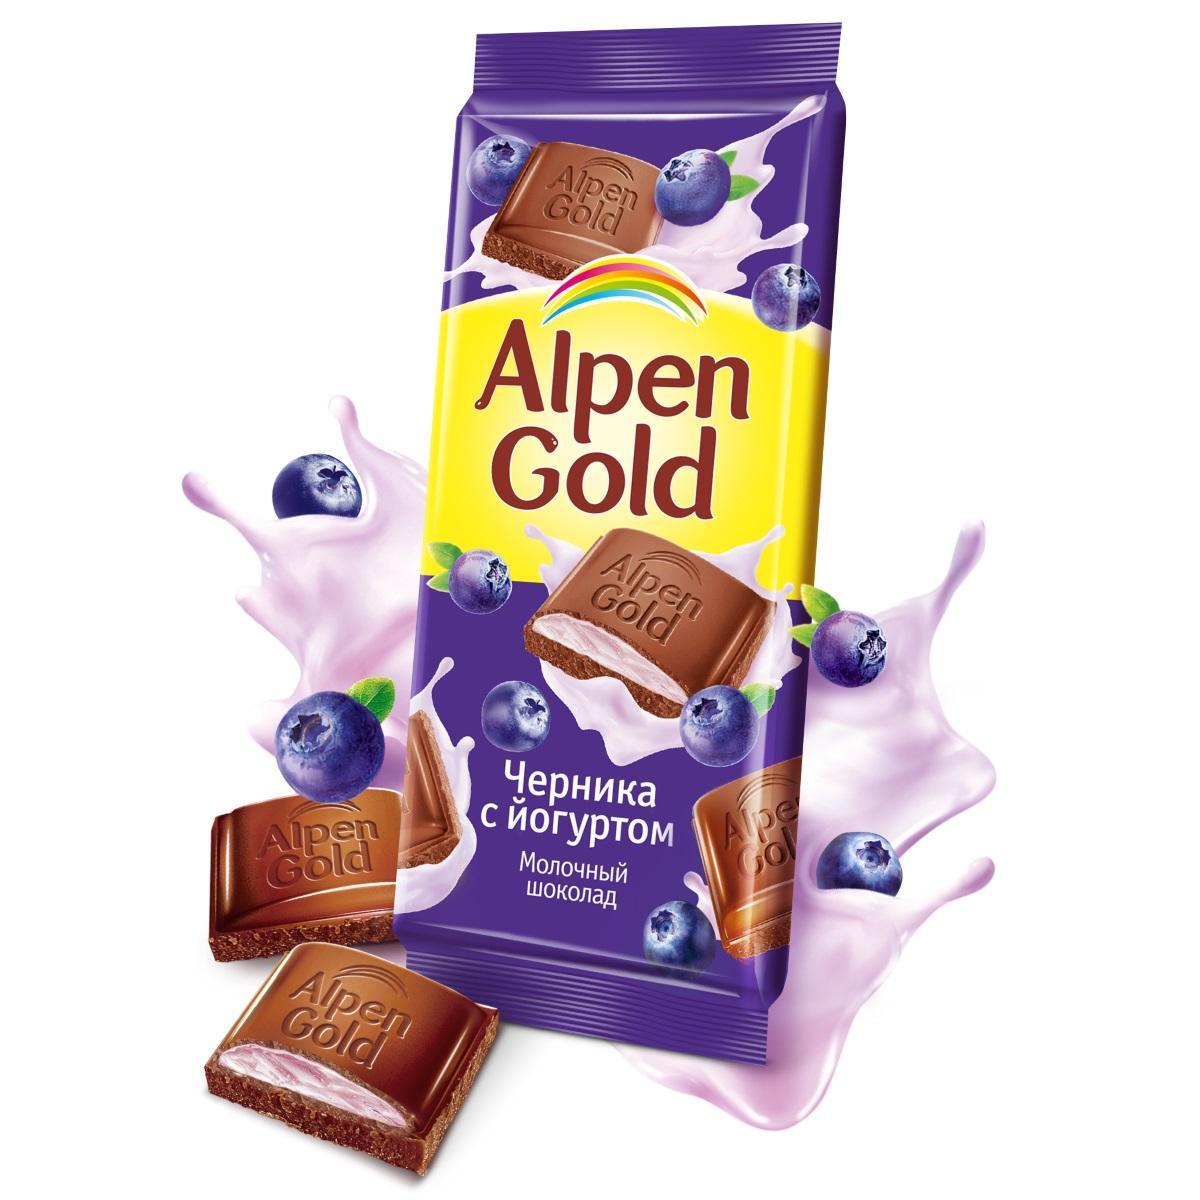 Шоколад  Альпен Гольд  чернично-йогуртовой начинкой 85гр.